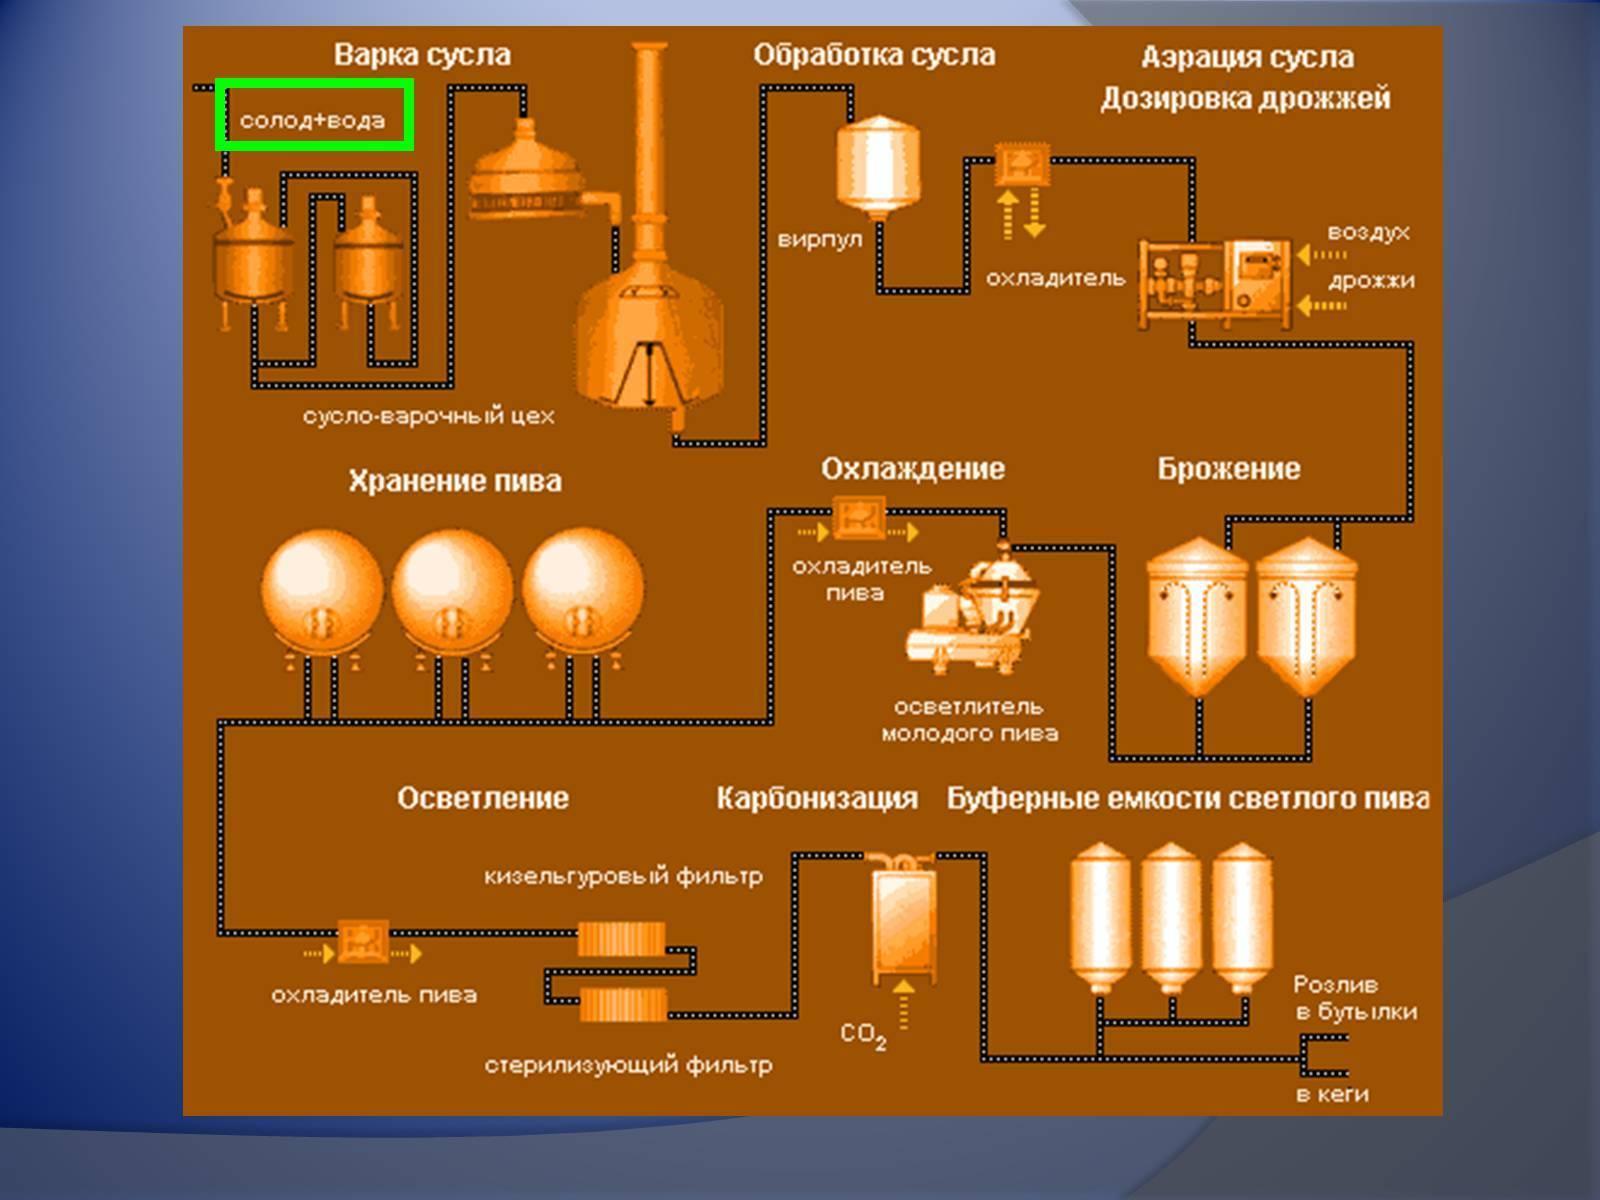 Технология производства пива от порошкового до полного варочного ⛳️ алко профи